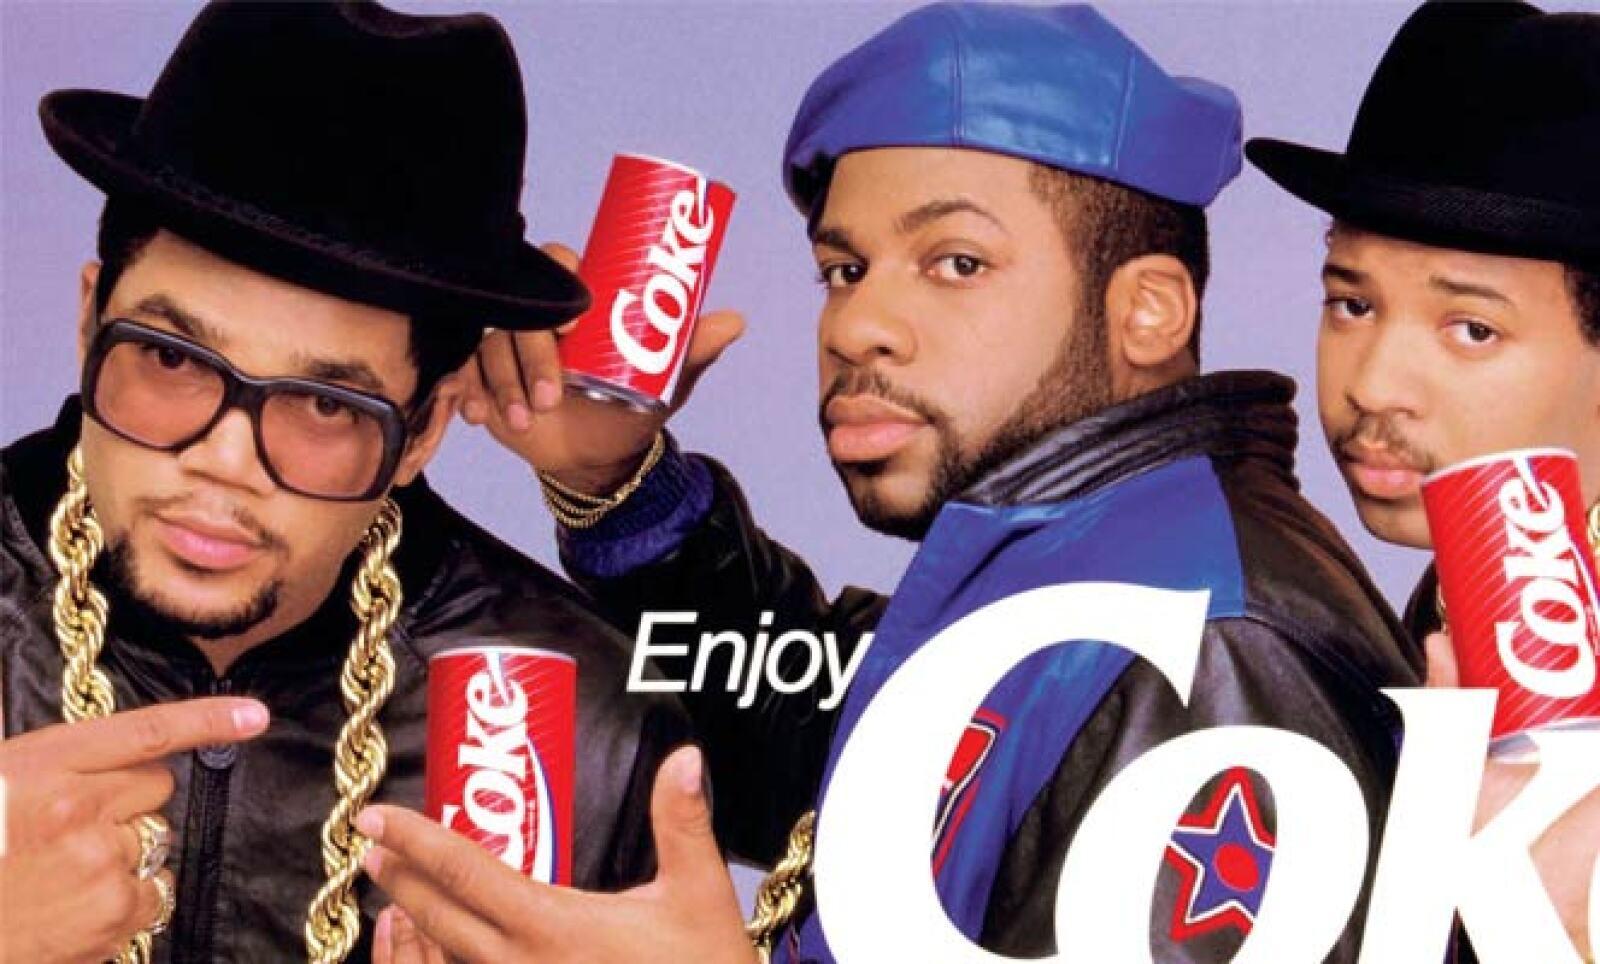 El famoso grupo de rap estadounidense, Run DMC, fue la imagen de la marca en Estados Unidos.